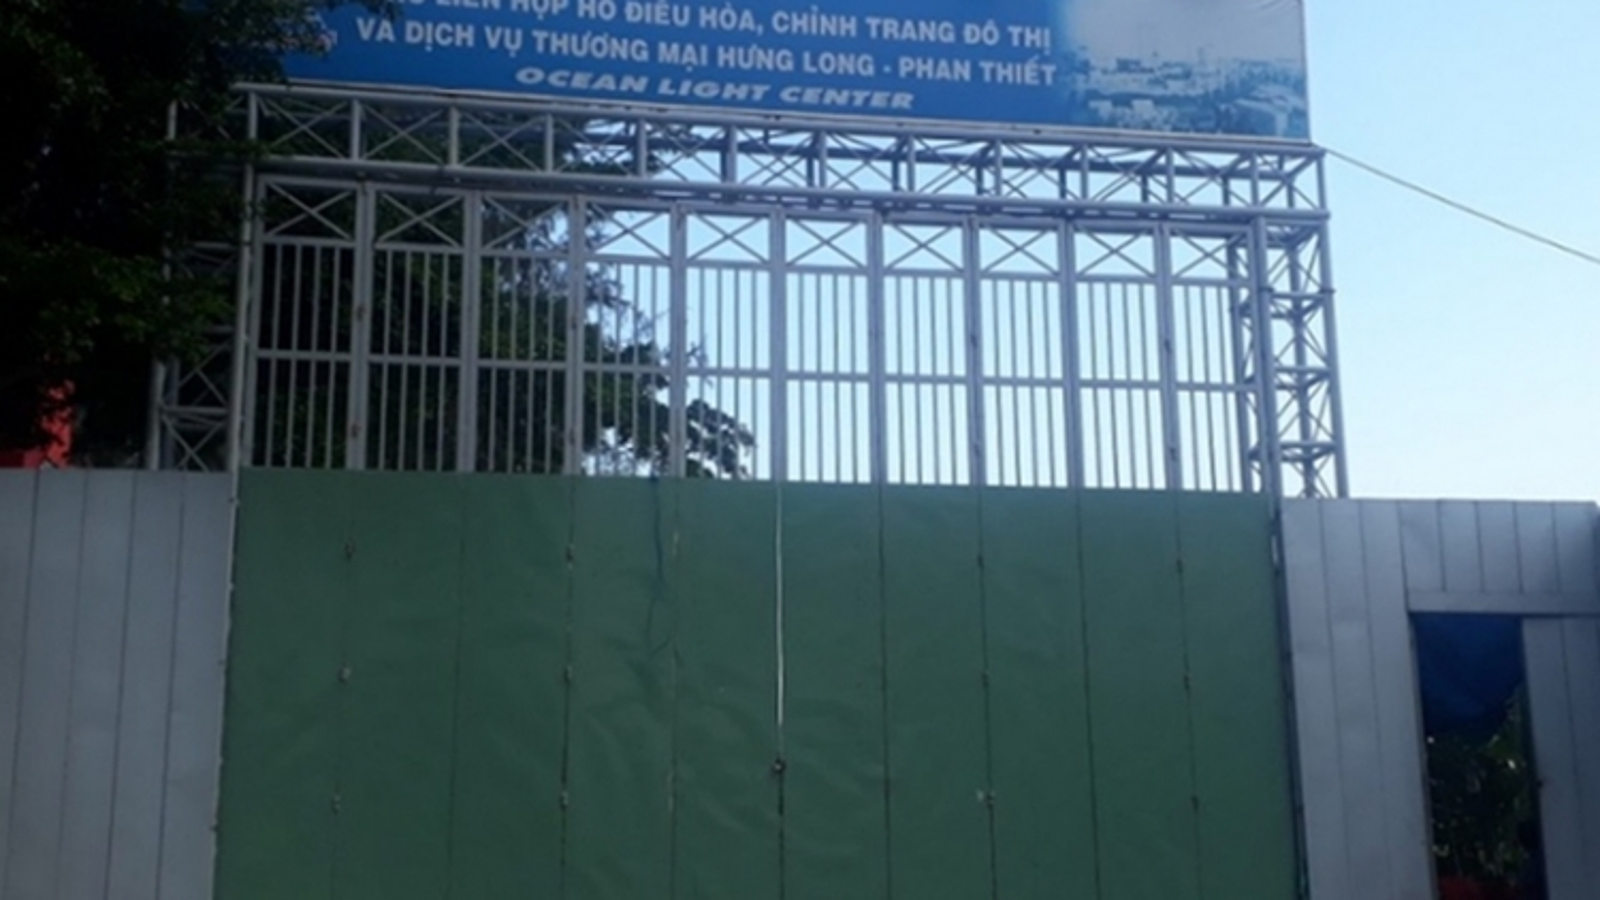 Thu hồi nhiều dự án chậm triển khai ở Bình Thuận